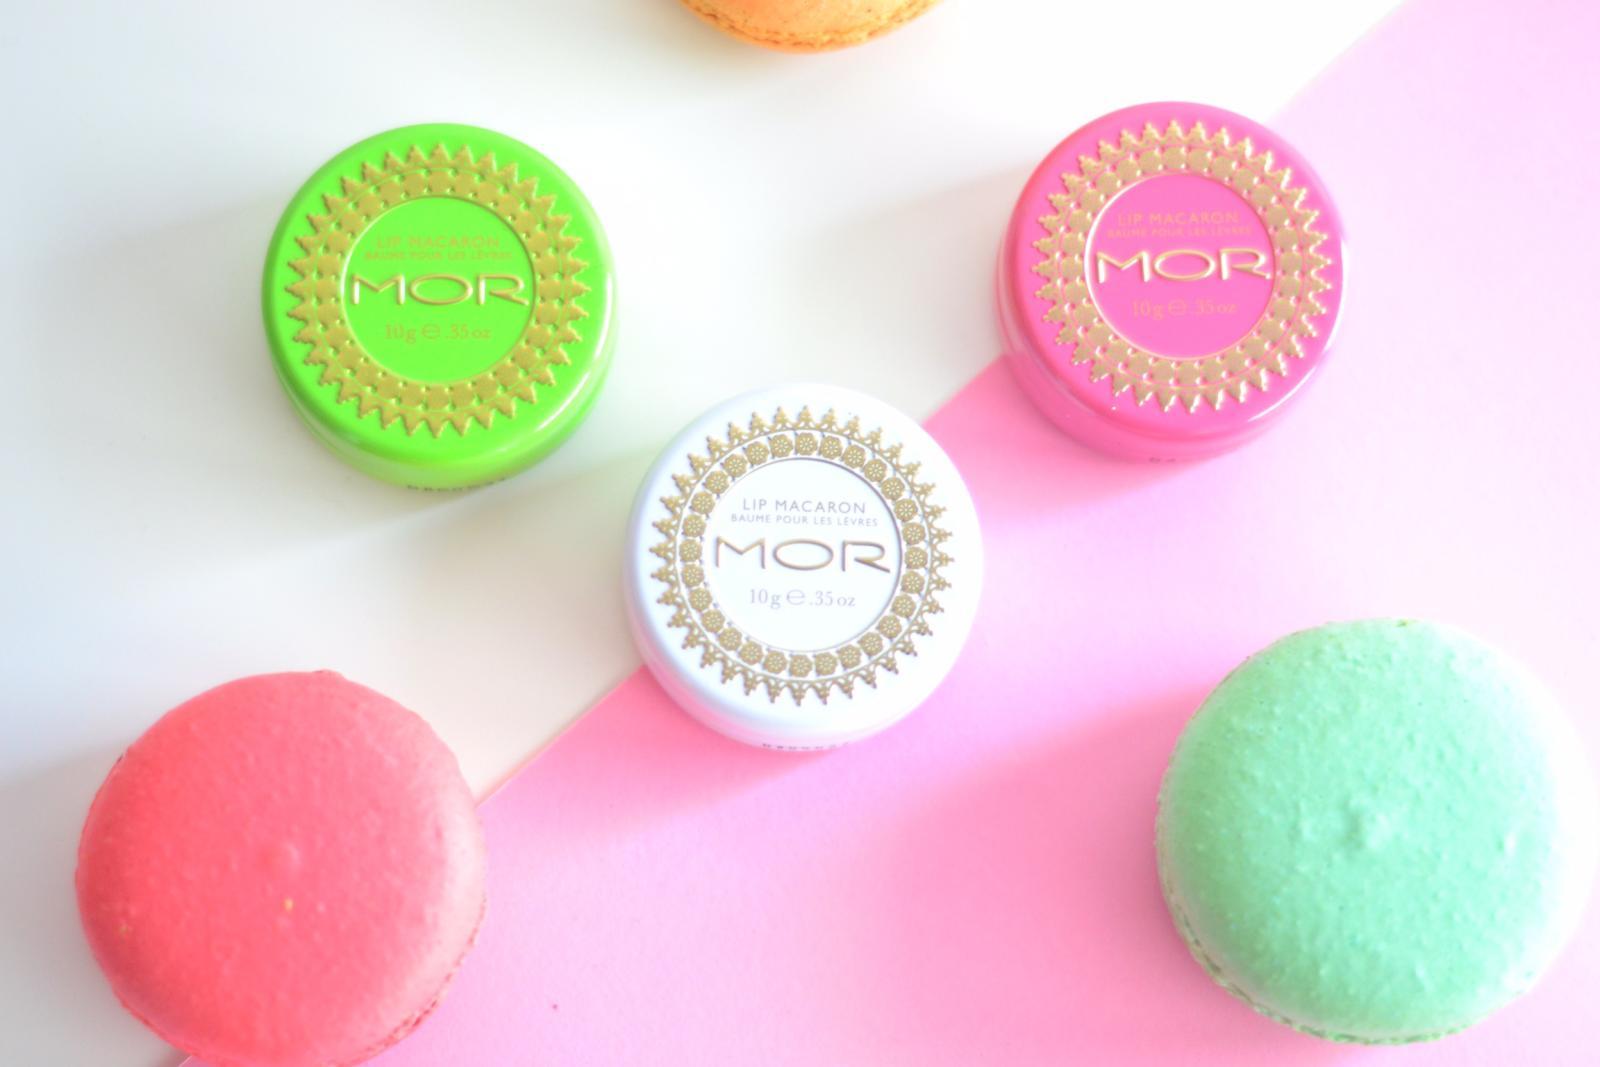 mor-lip-macaron-review